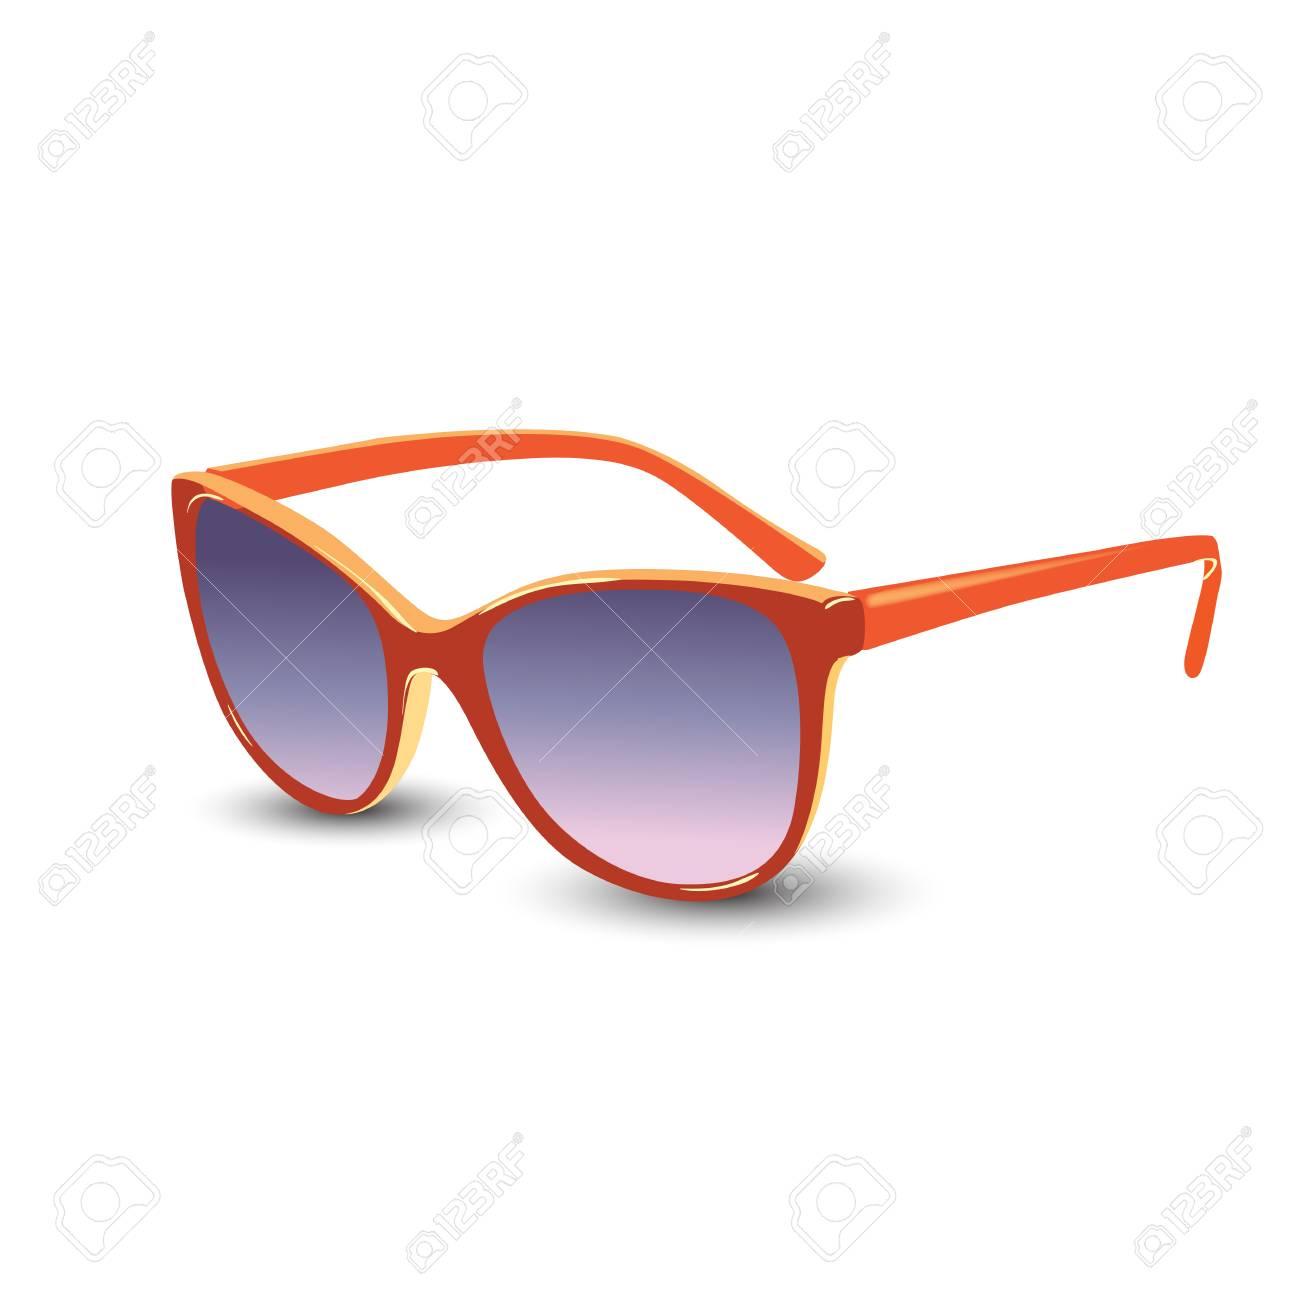 4f6bf6f343 Elegantes gafas de sol naranjas. Ilustración vectorial Foto de archivo -  92616246